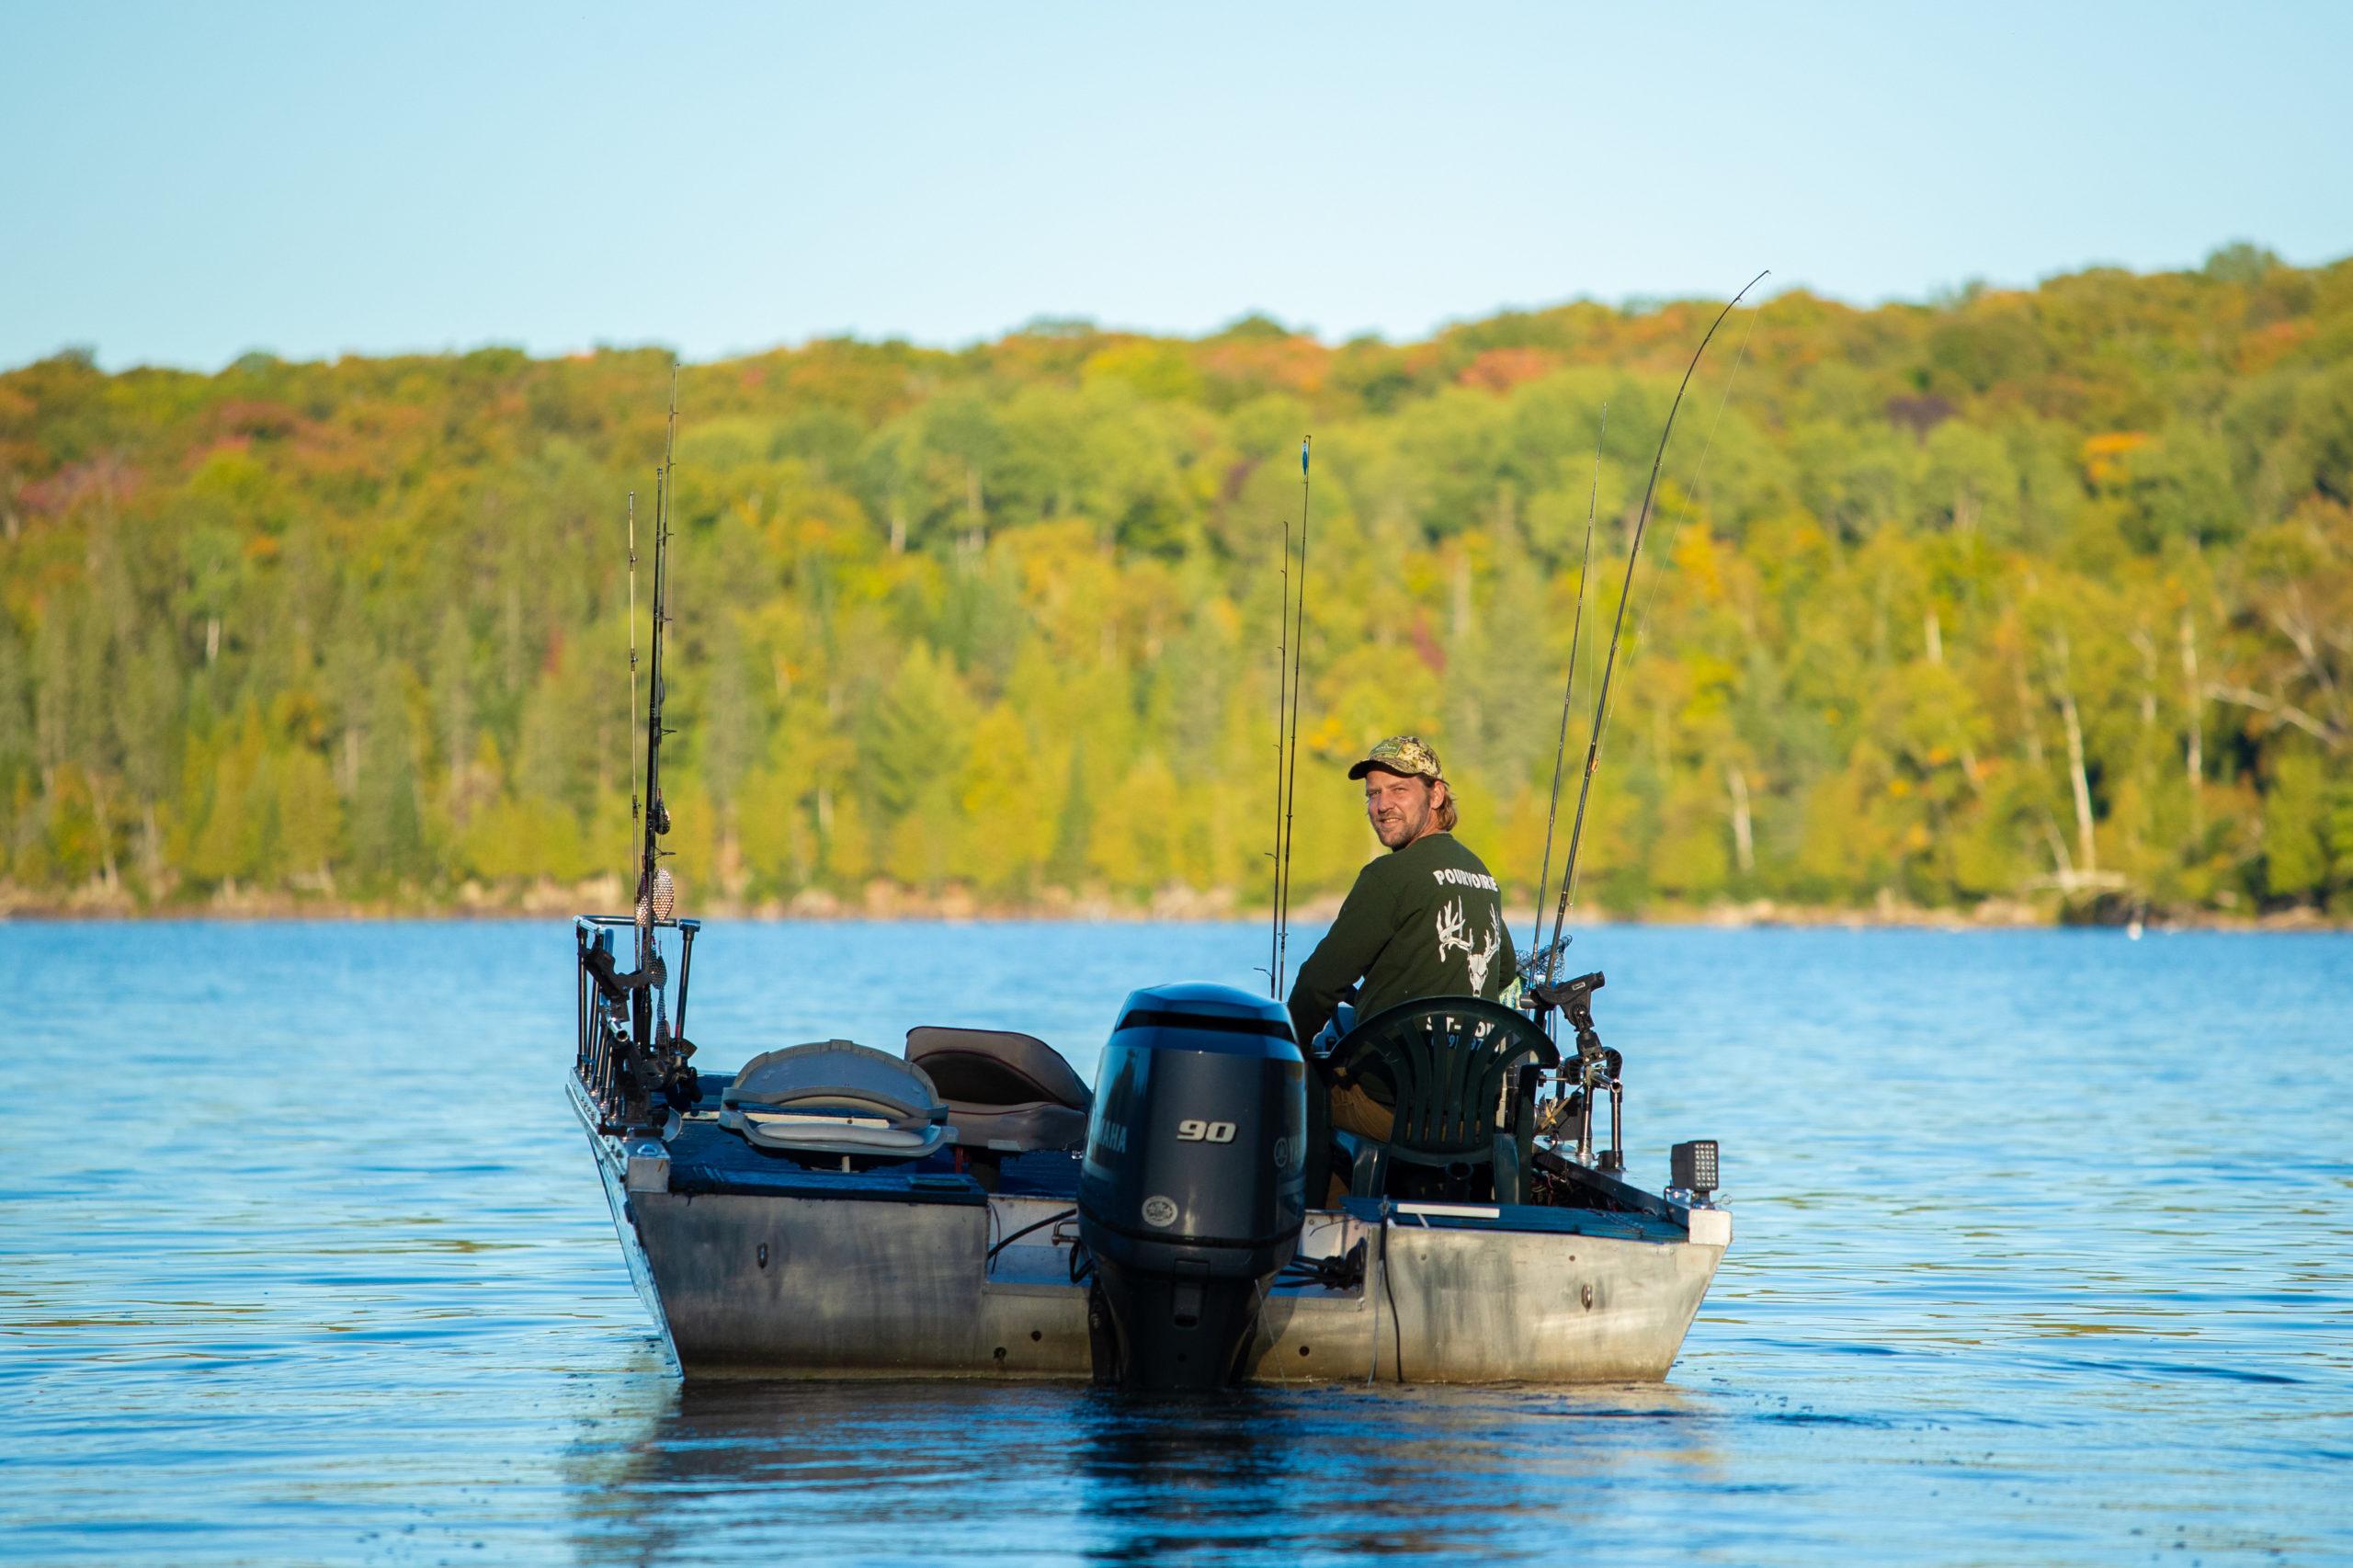 Pêche au lac du cerf